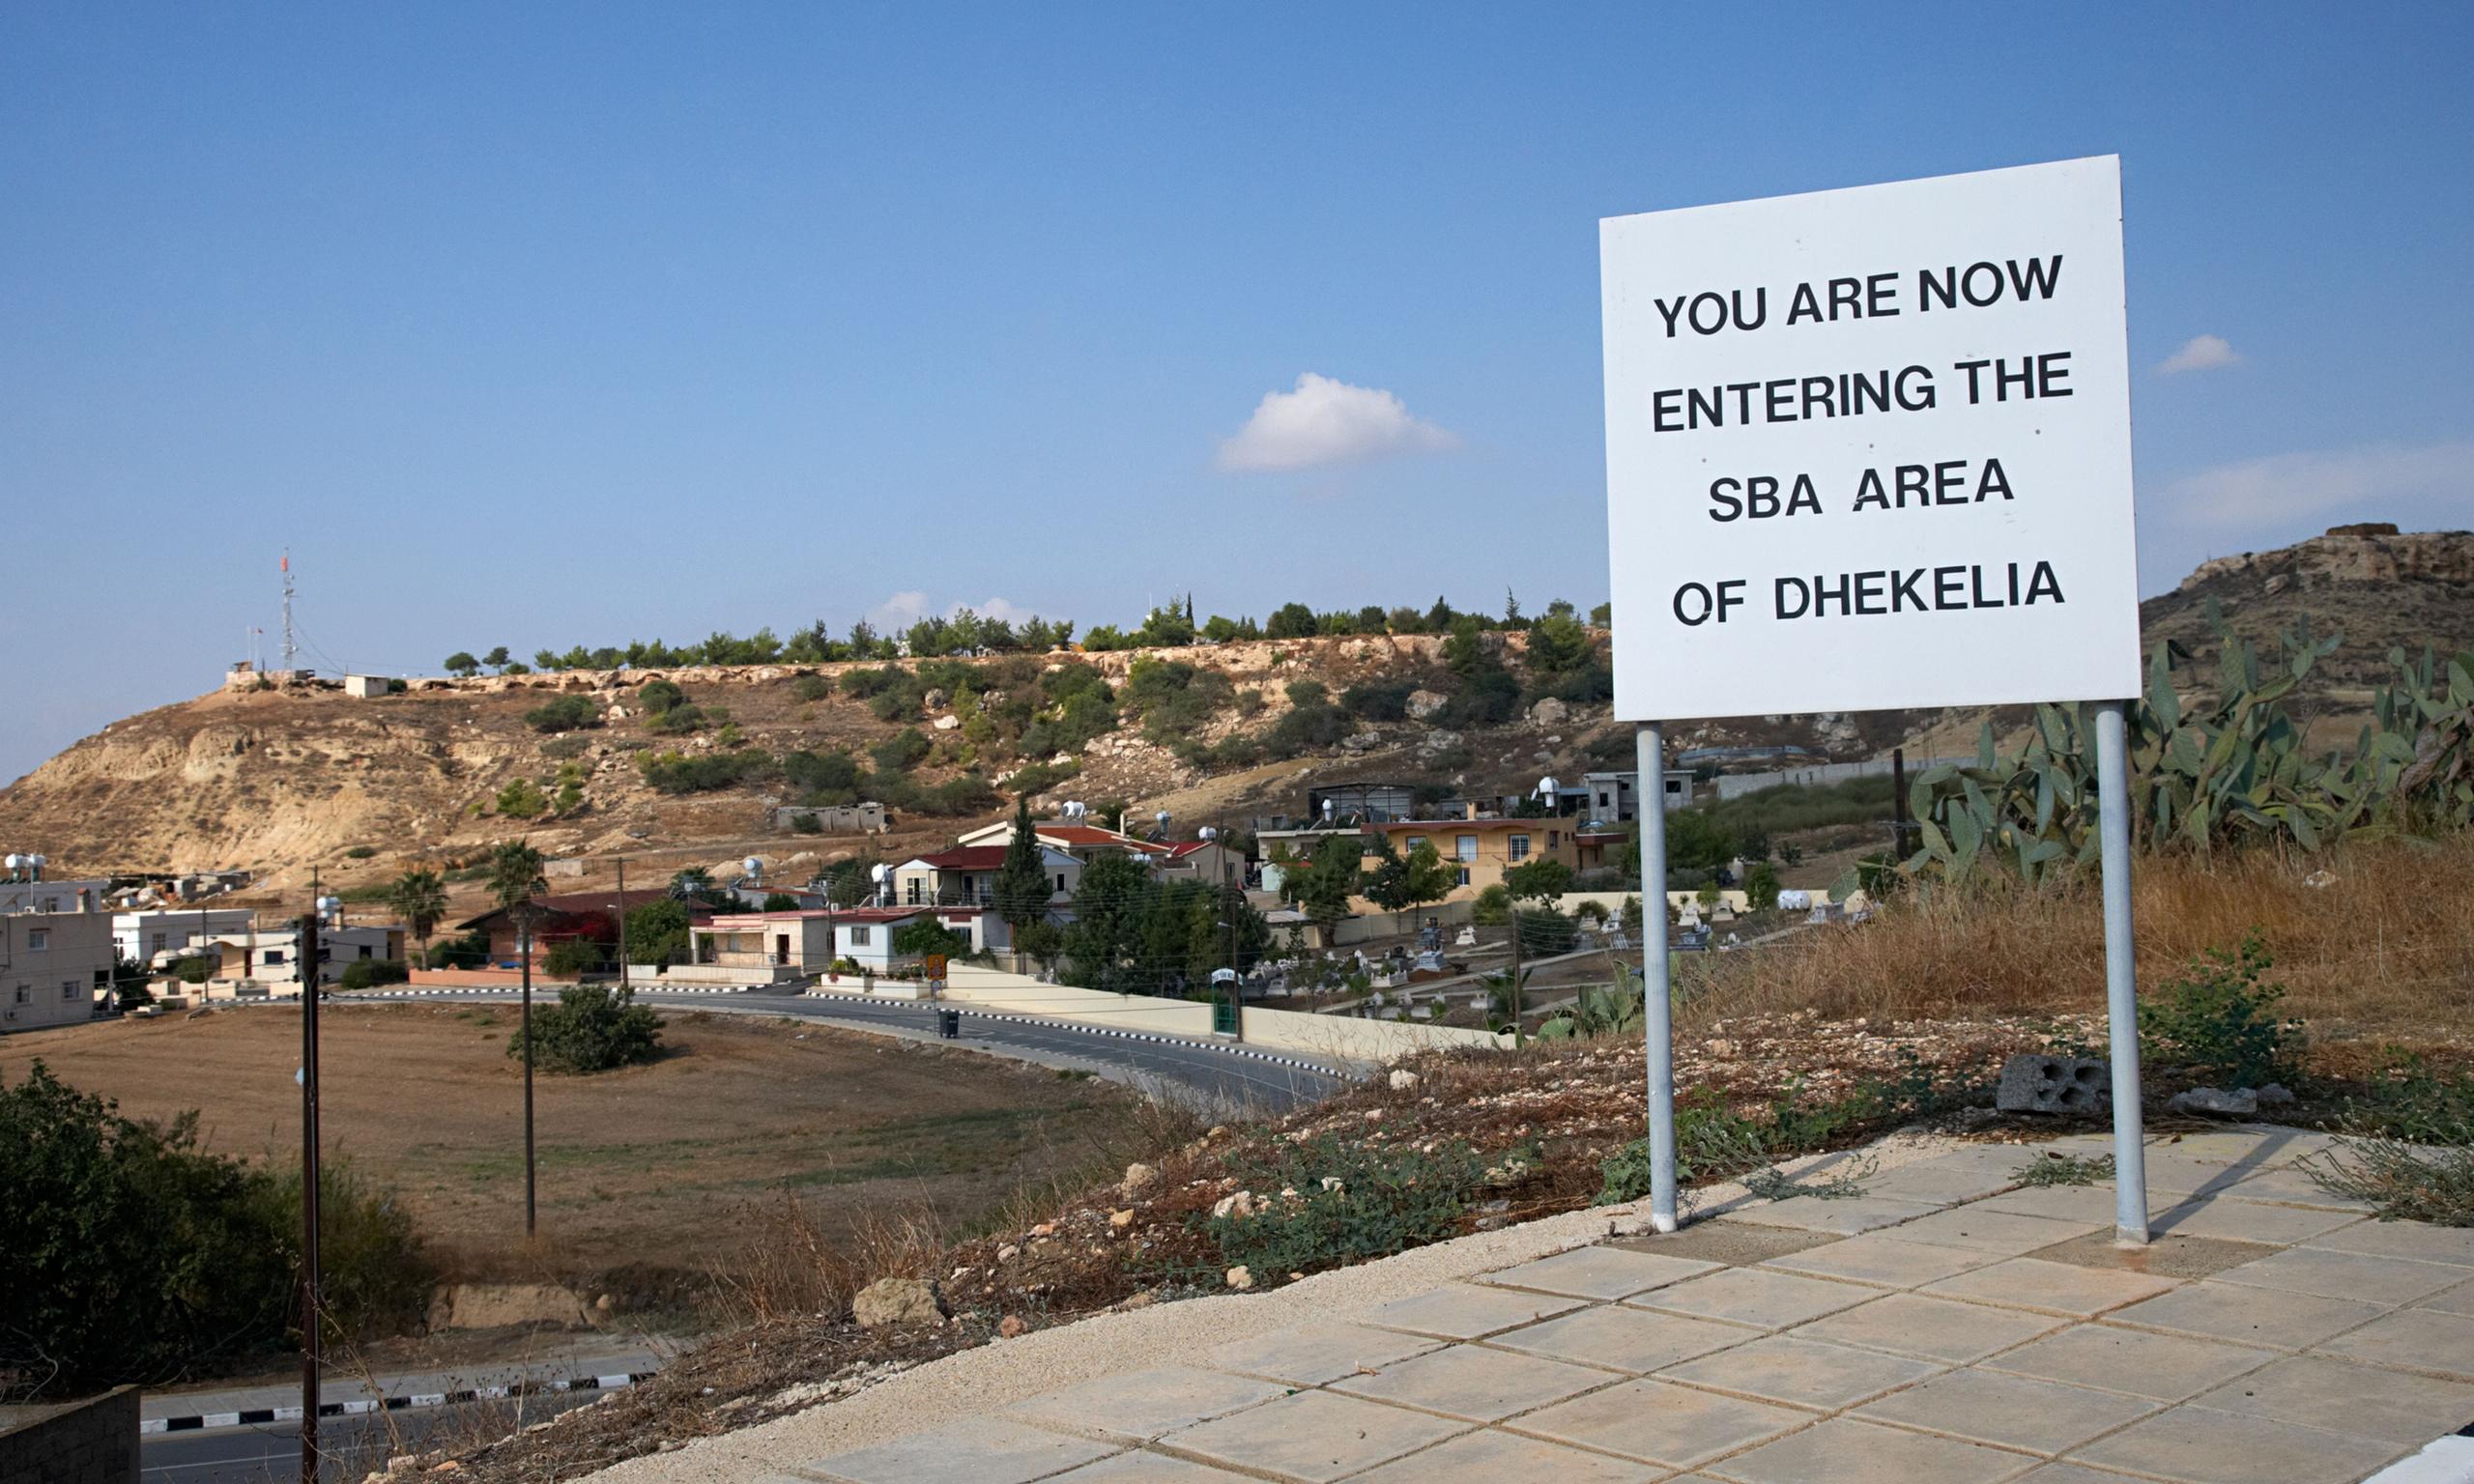 Dhekelia military base entrance